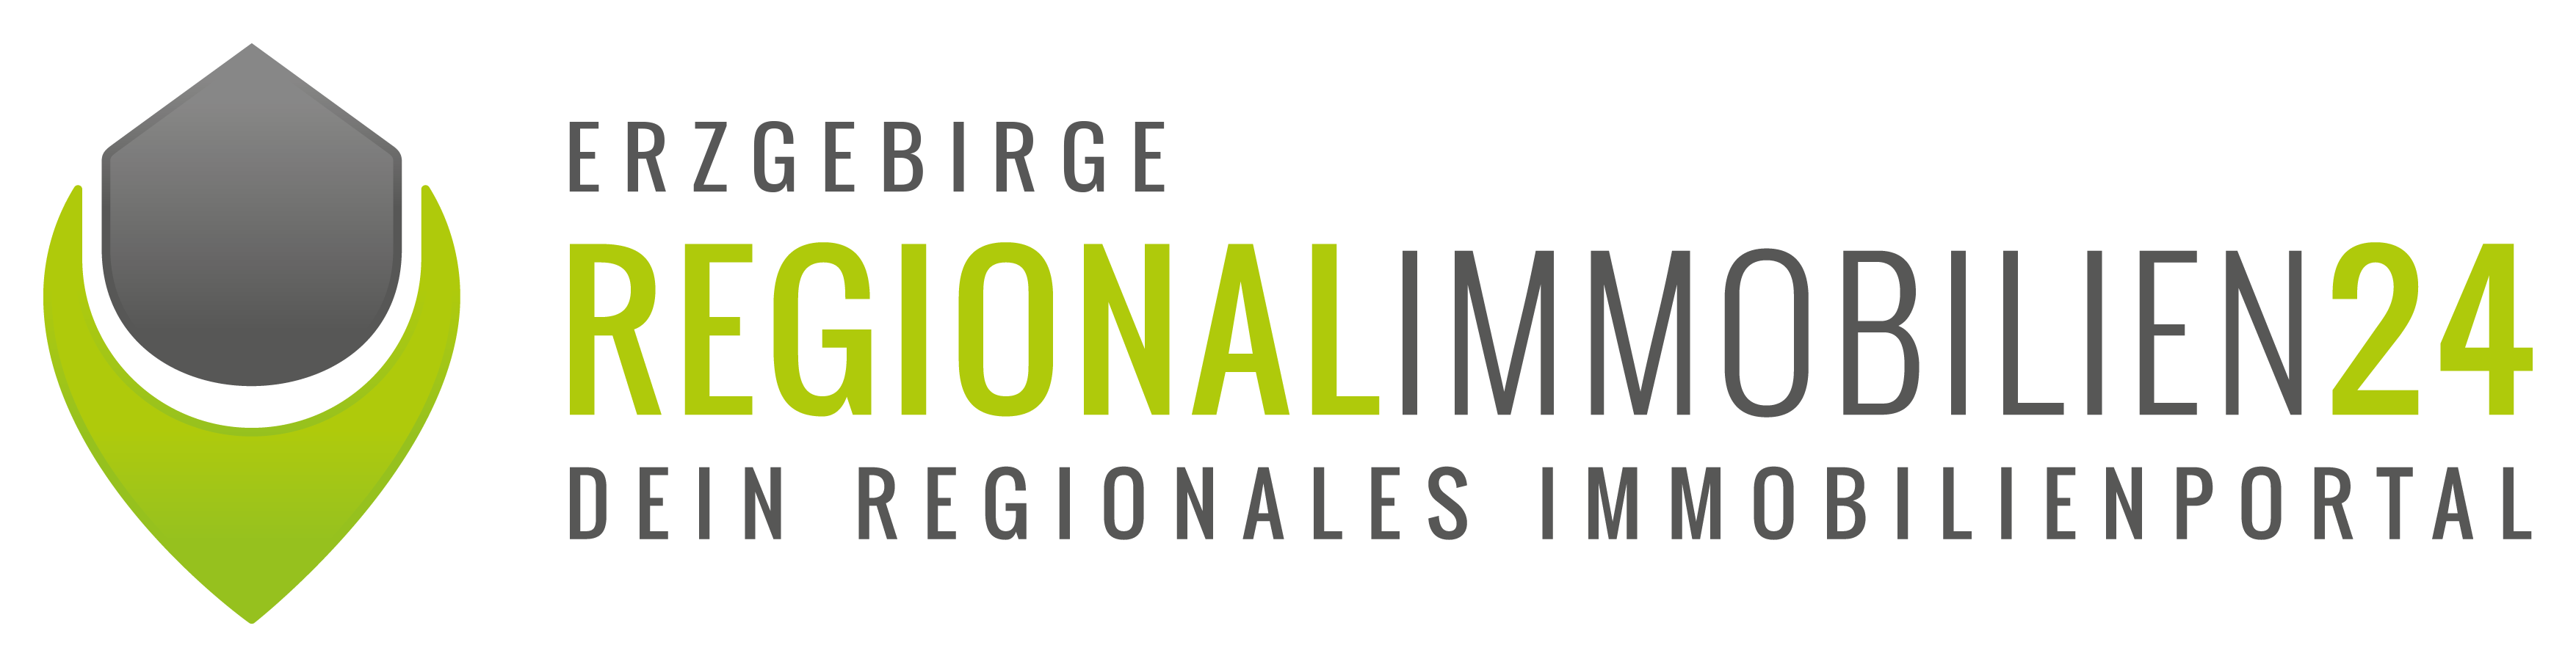 Regionalimmobilien24 - Erzgebirge